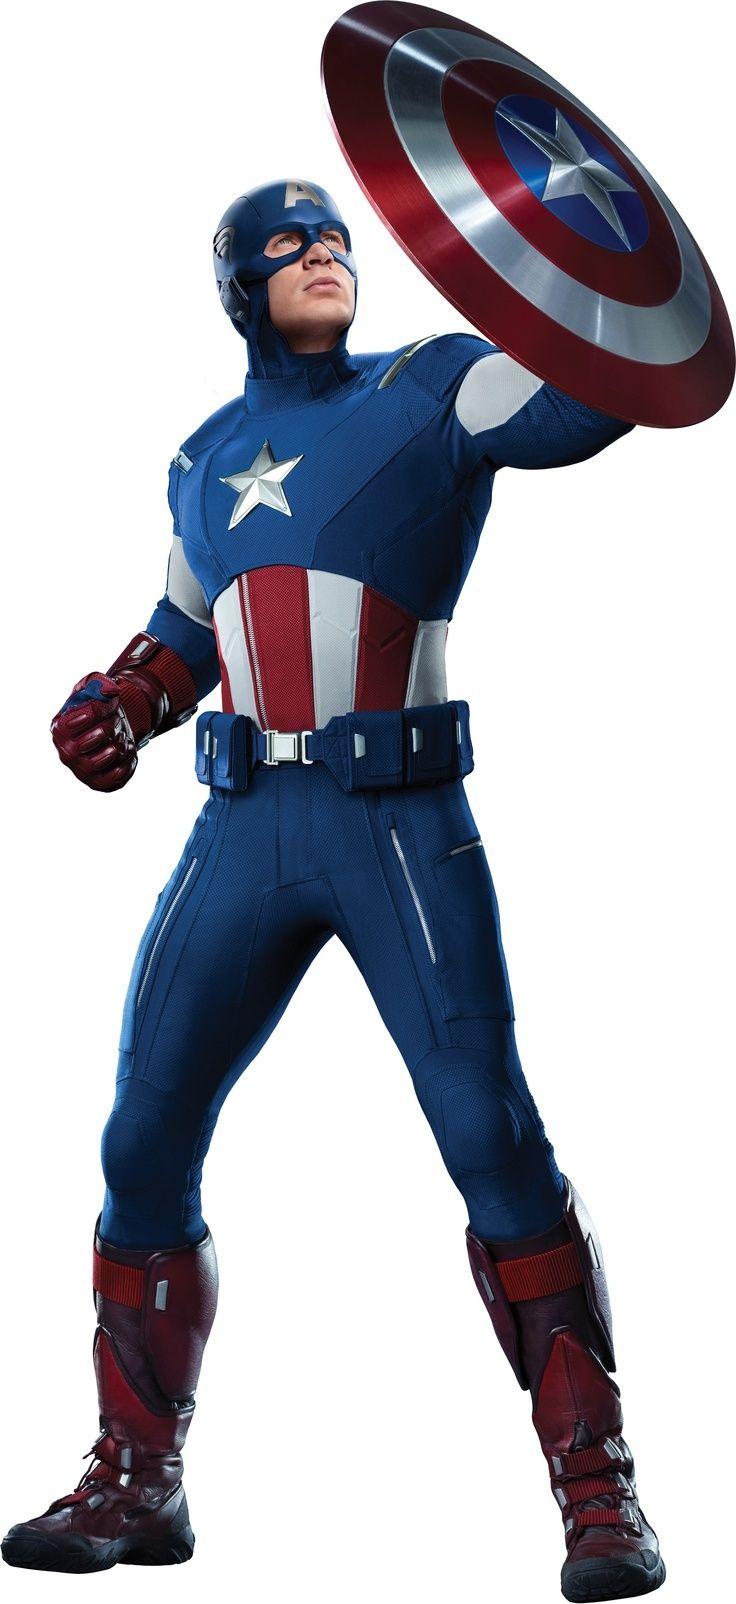 Avengers clipart avengers movie. Captain america clip art